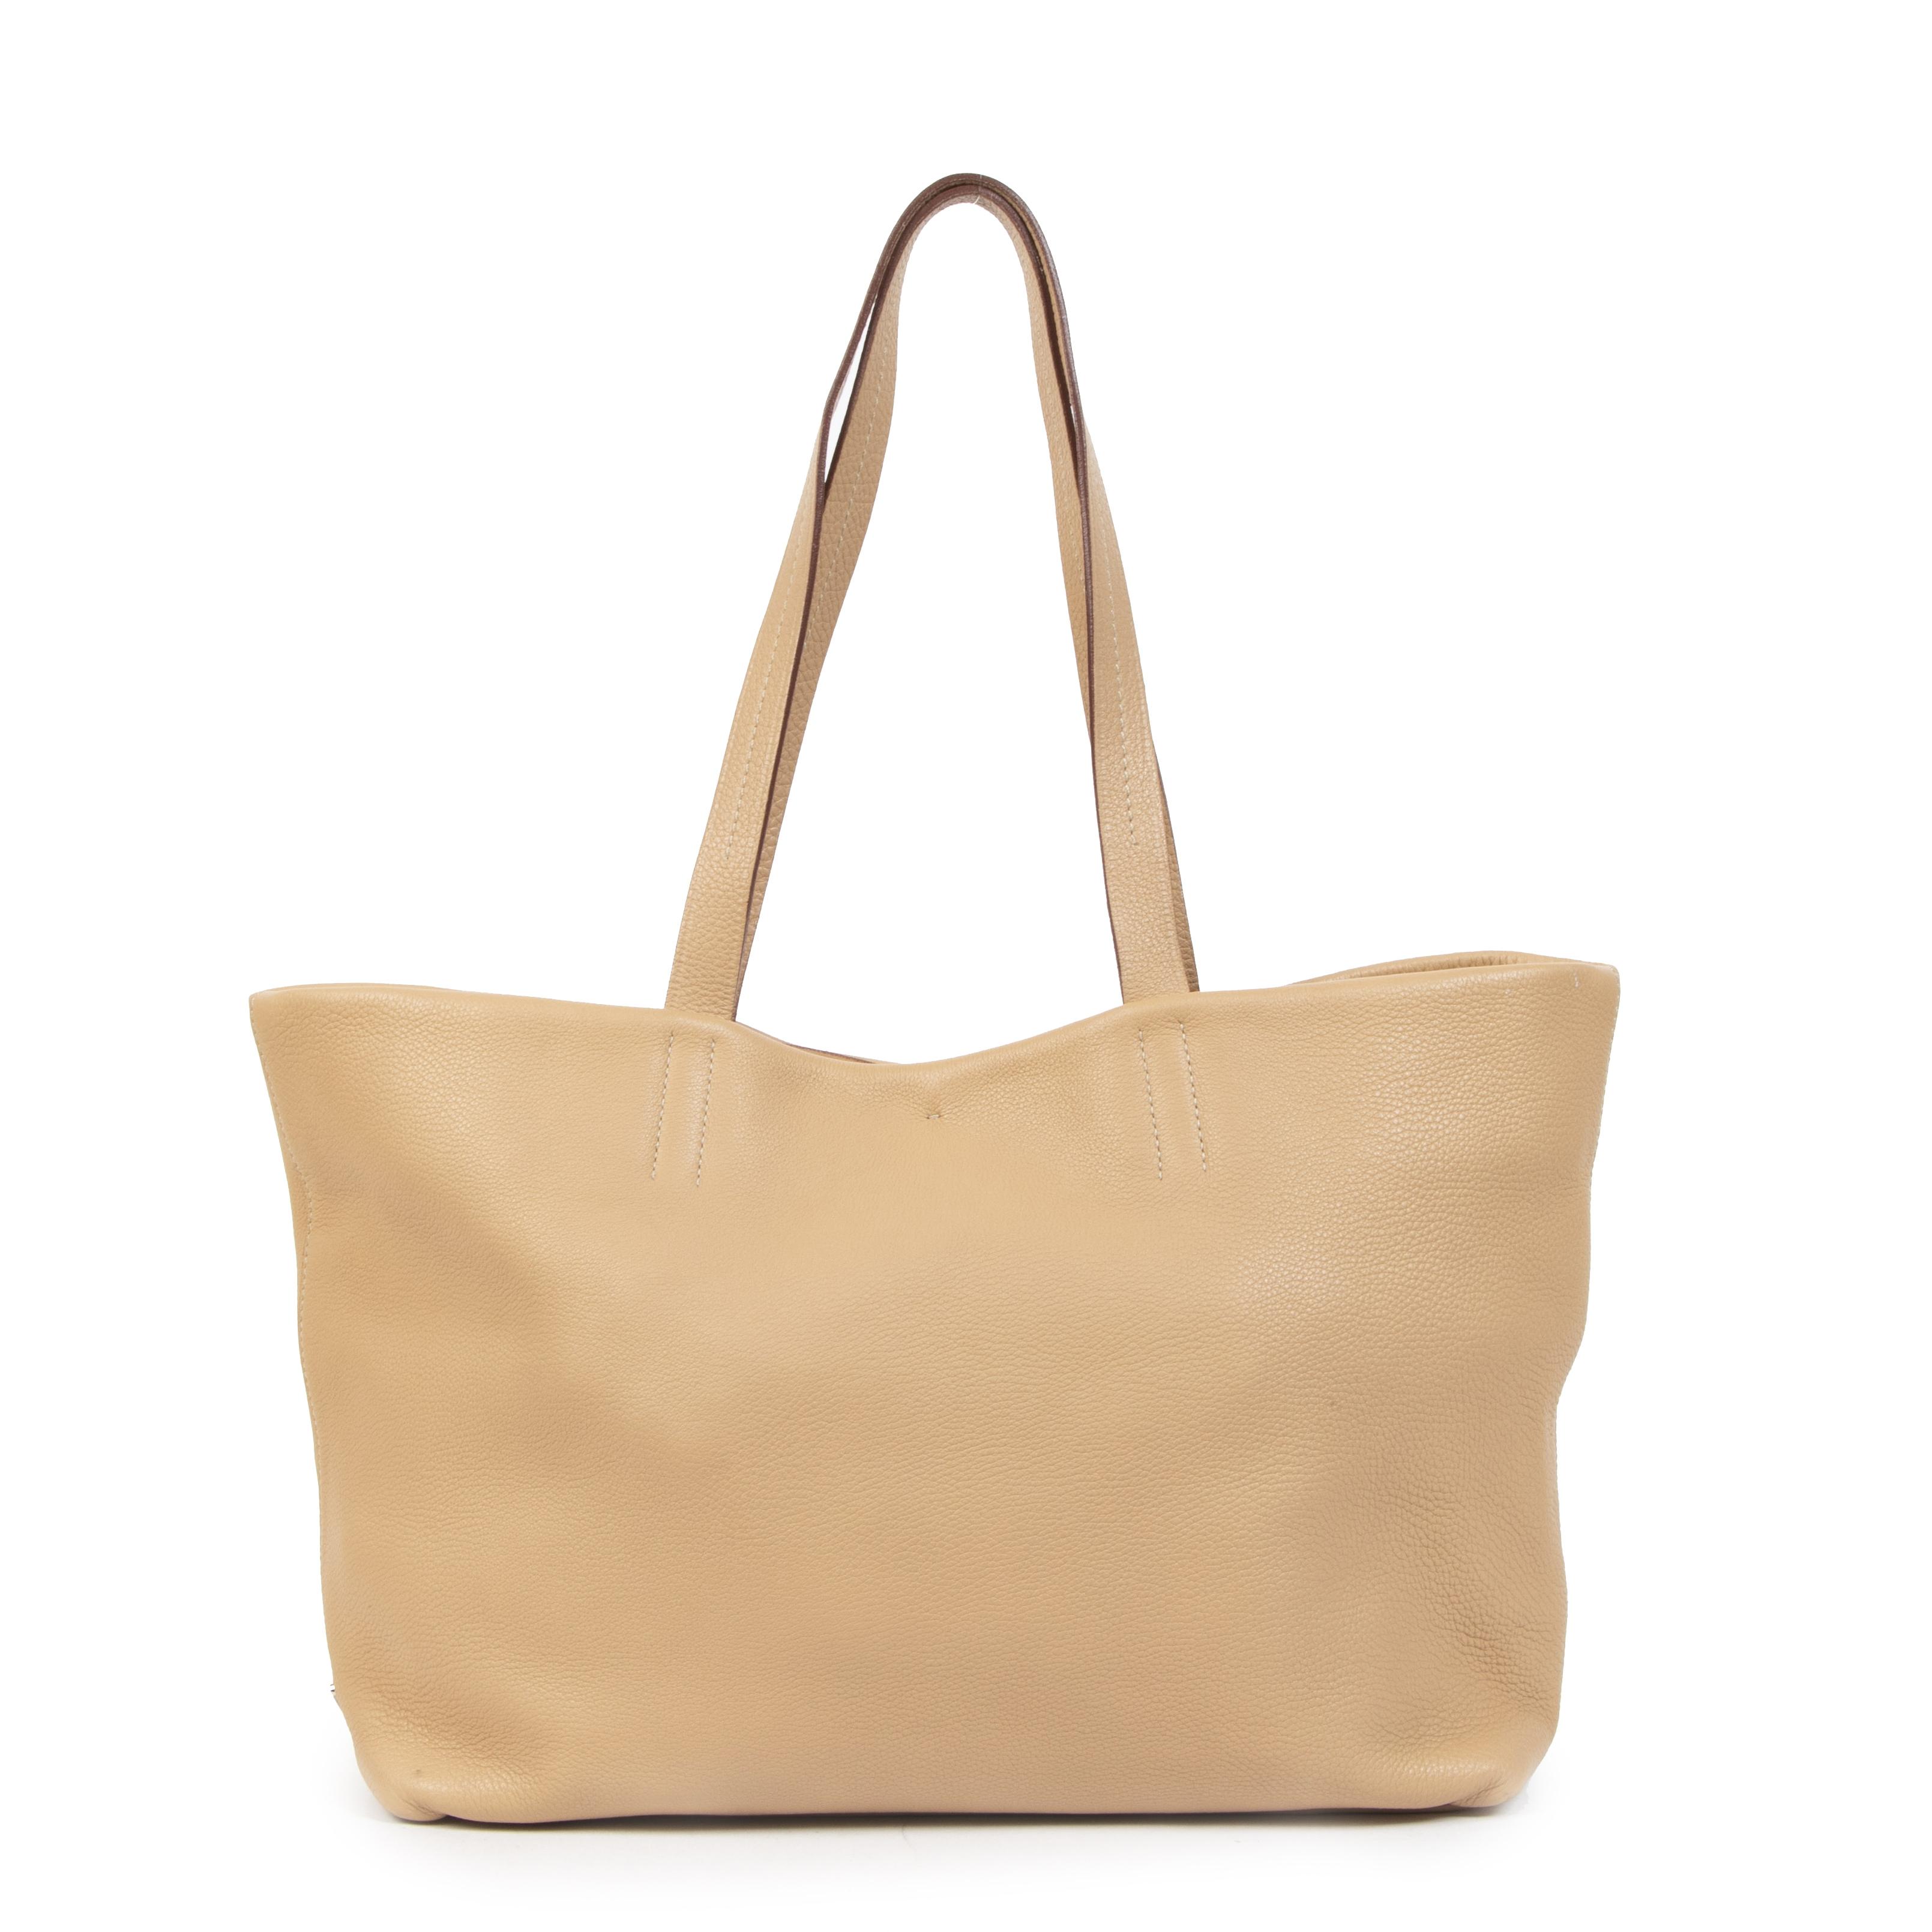 Authentieke Tweedehands Prada Beige Leather Tote Bag juiste prijs veilig online shoppen luxe merken webshop winkelen Antwerpen België mode fashion